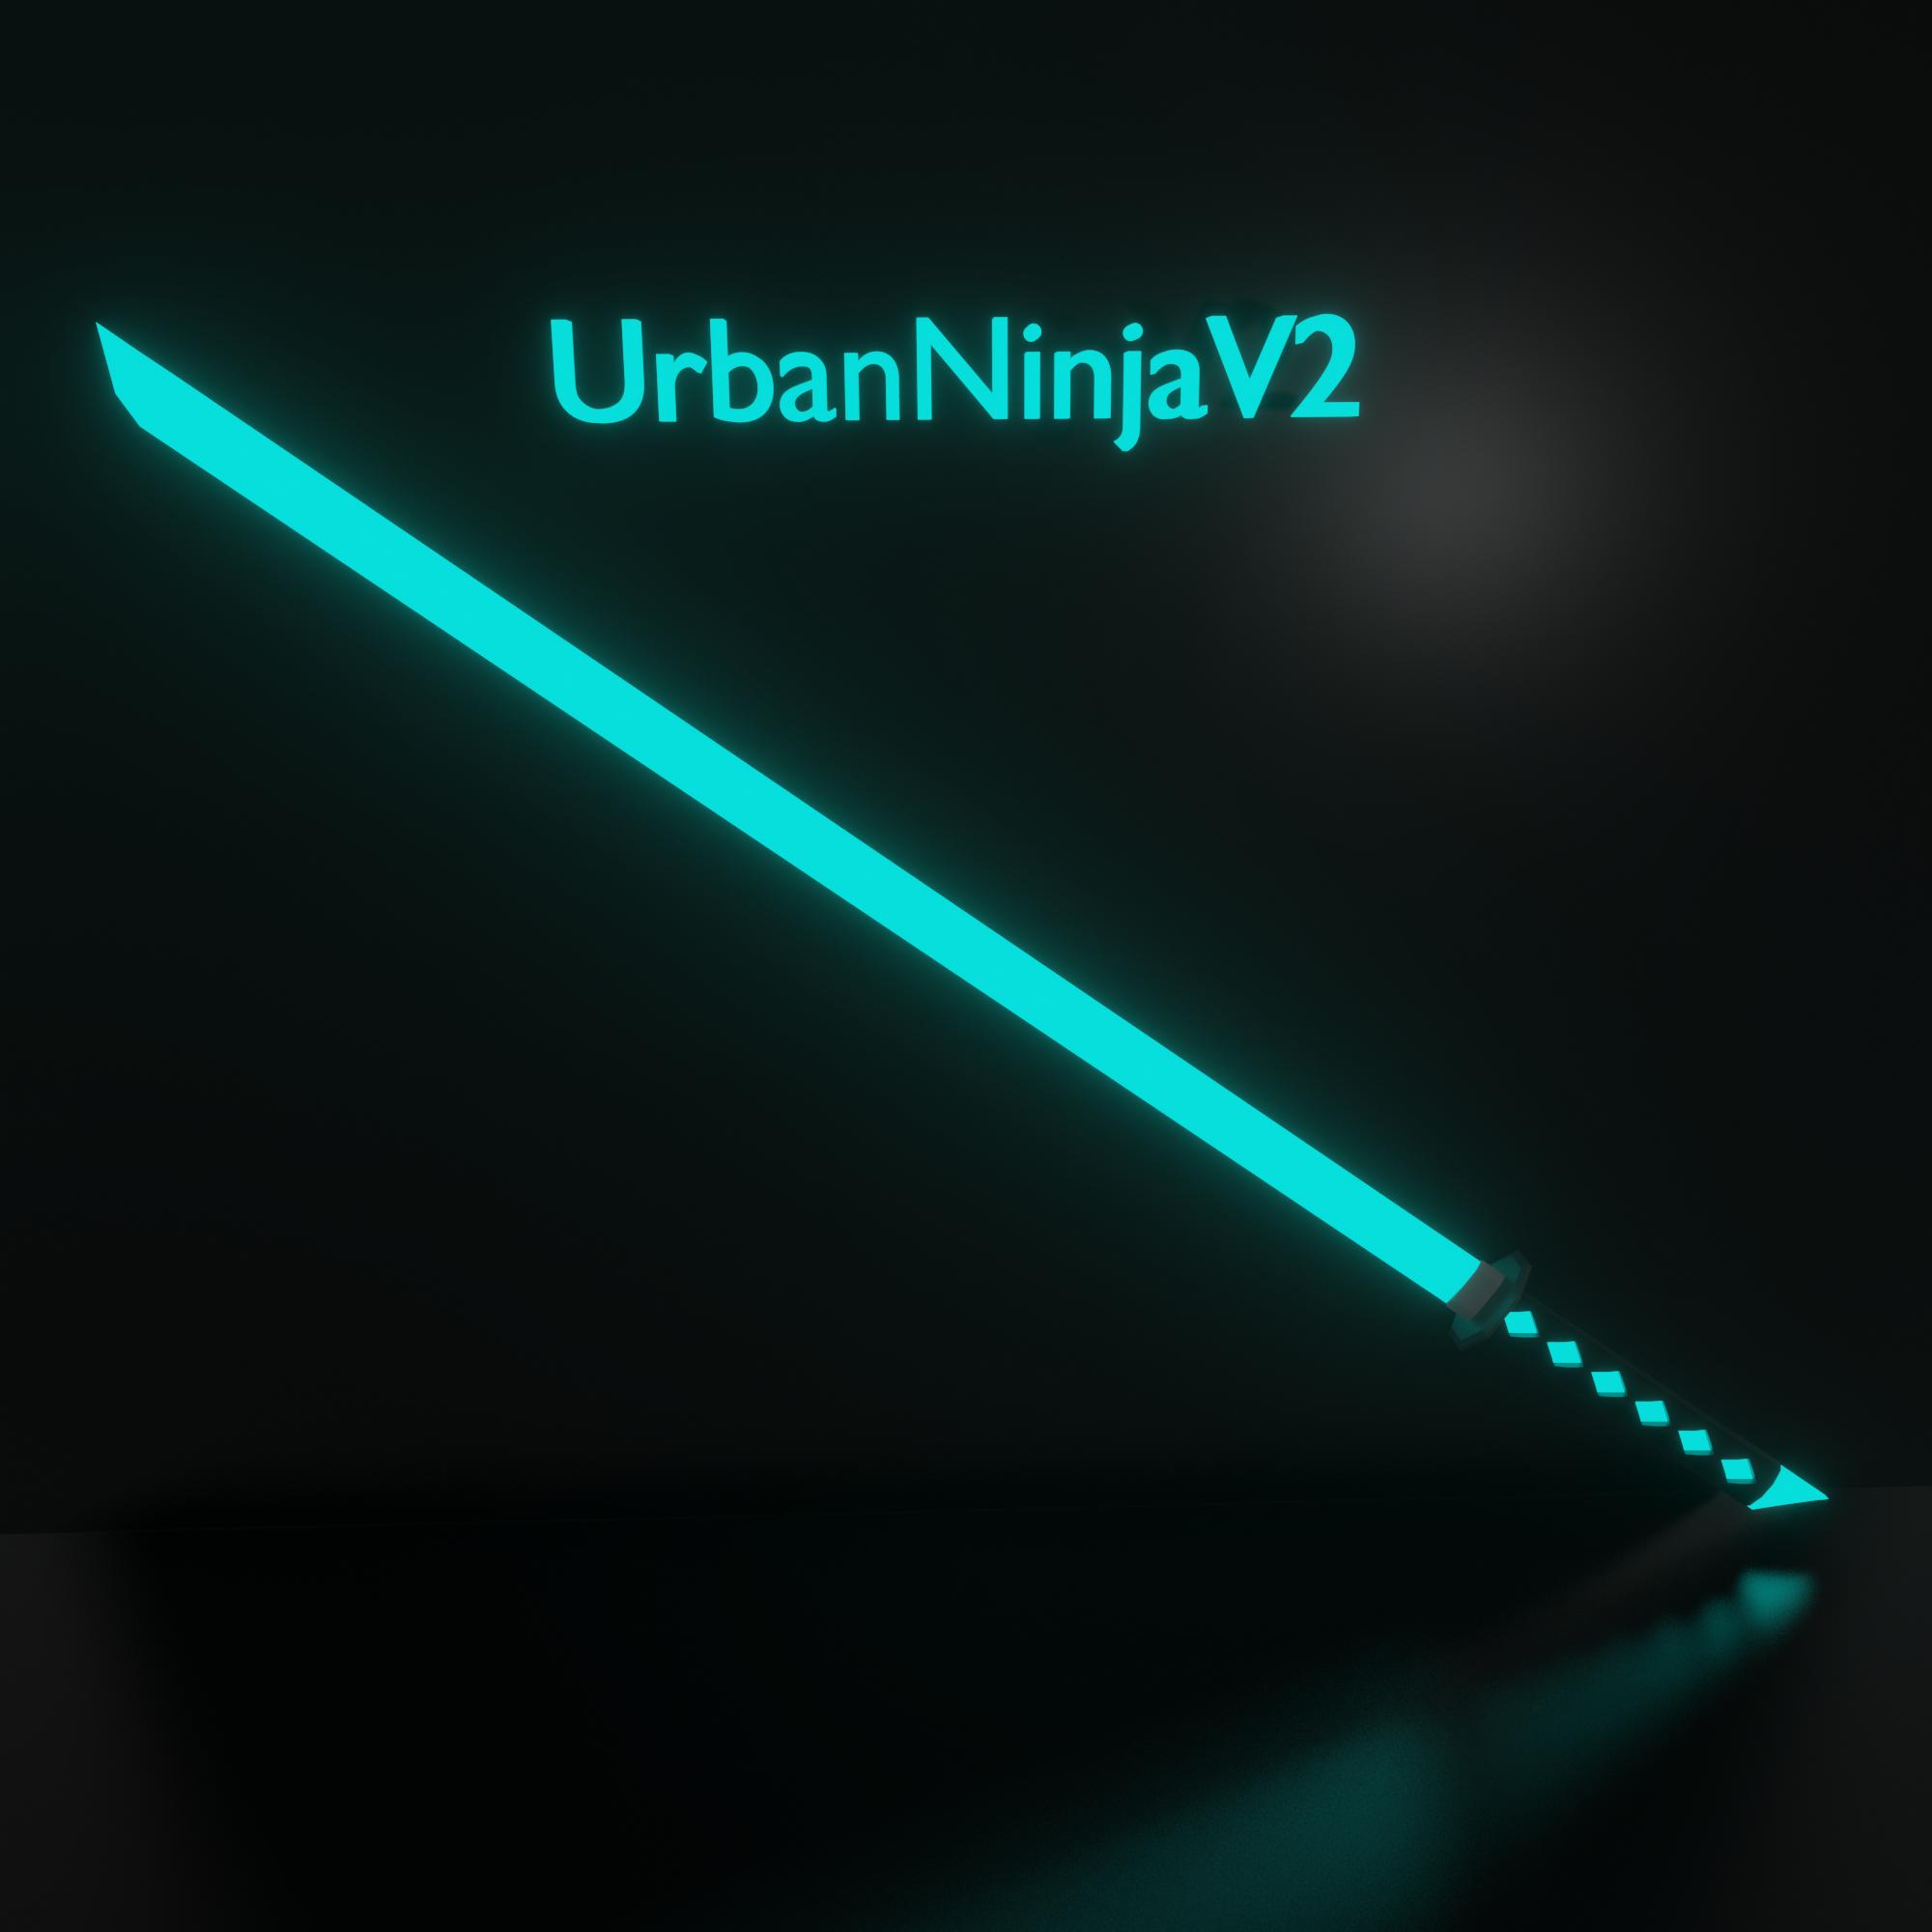 UrbanNinjaV2